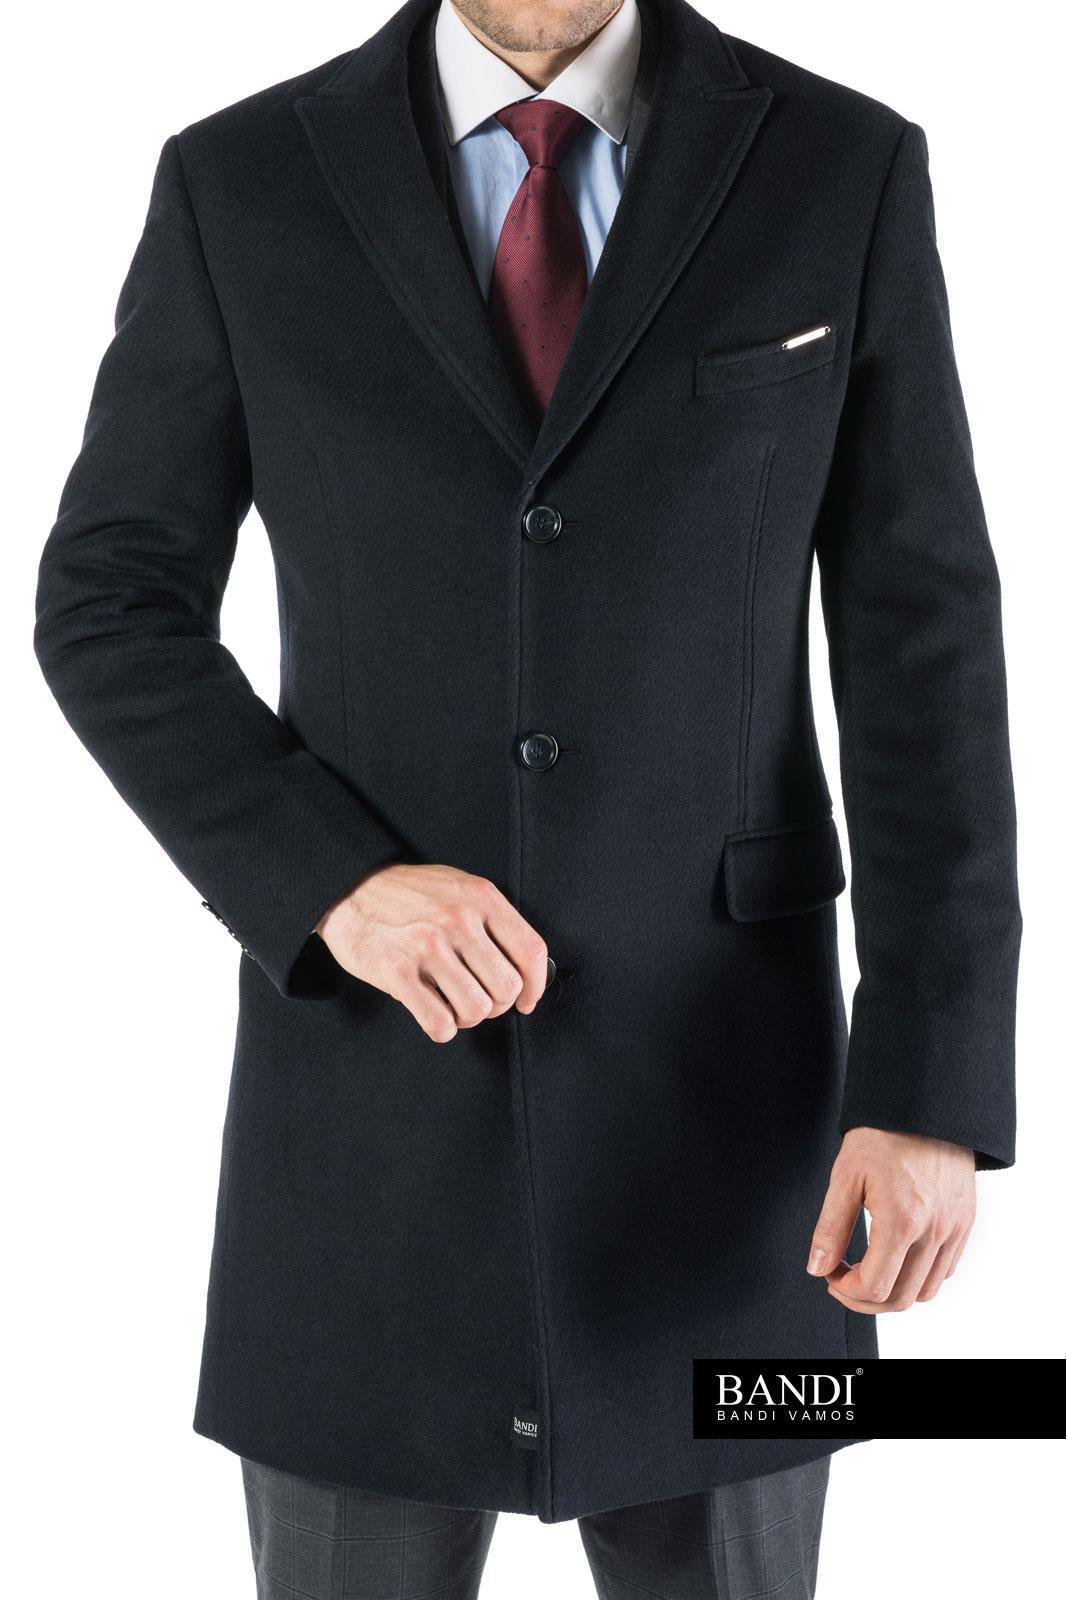 Příklad správného kabátu – 3